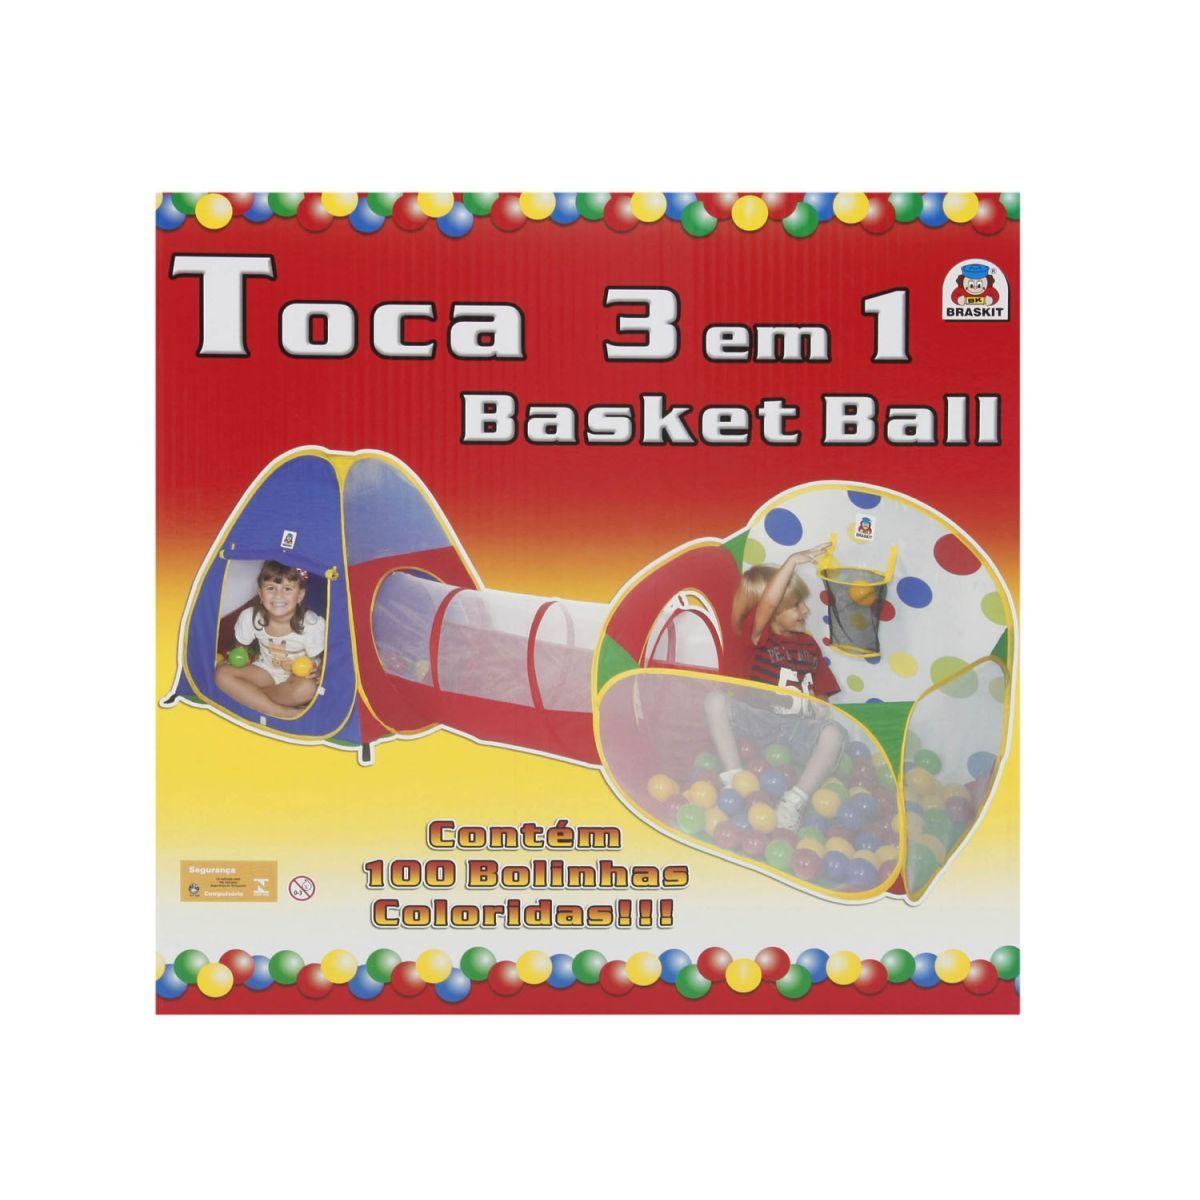 Toca 3 em 1 House Basket Ball com 100 Bolinhas